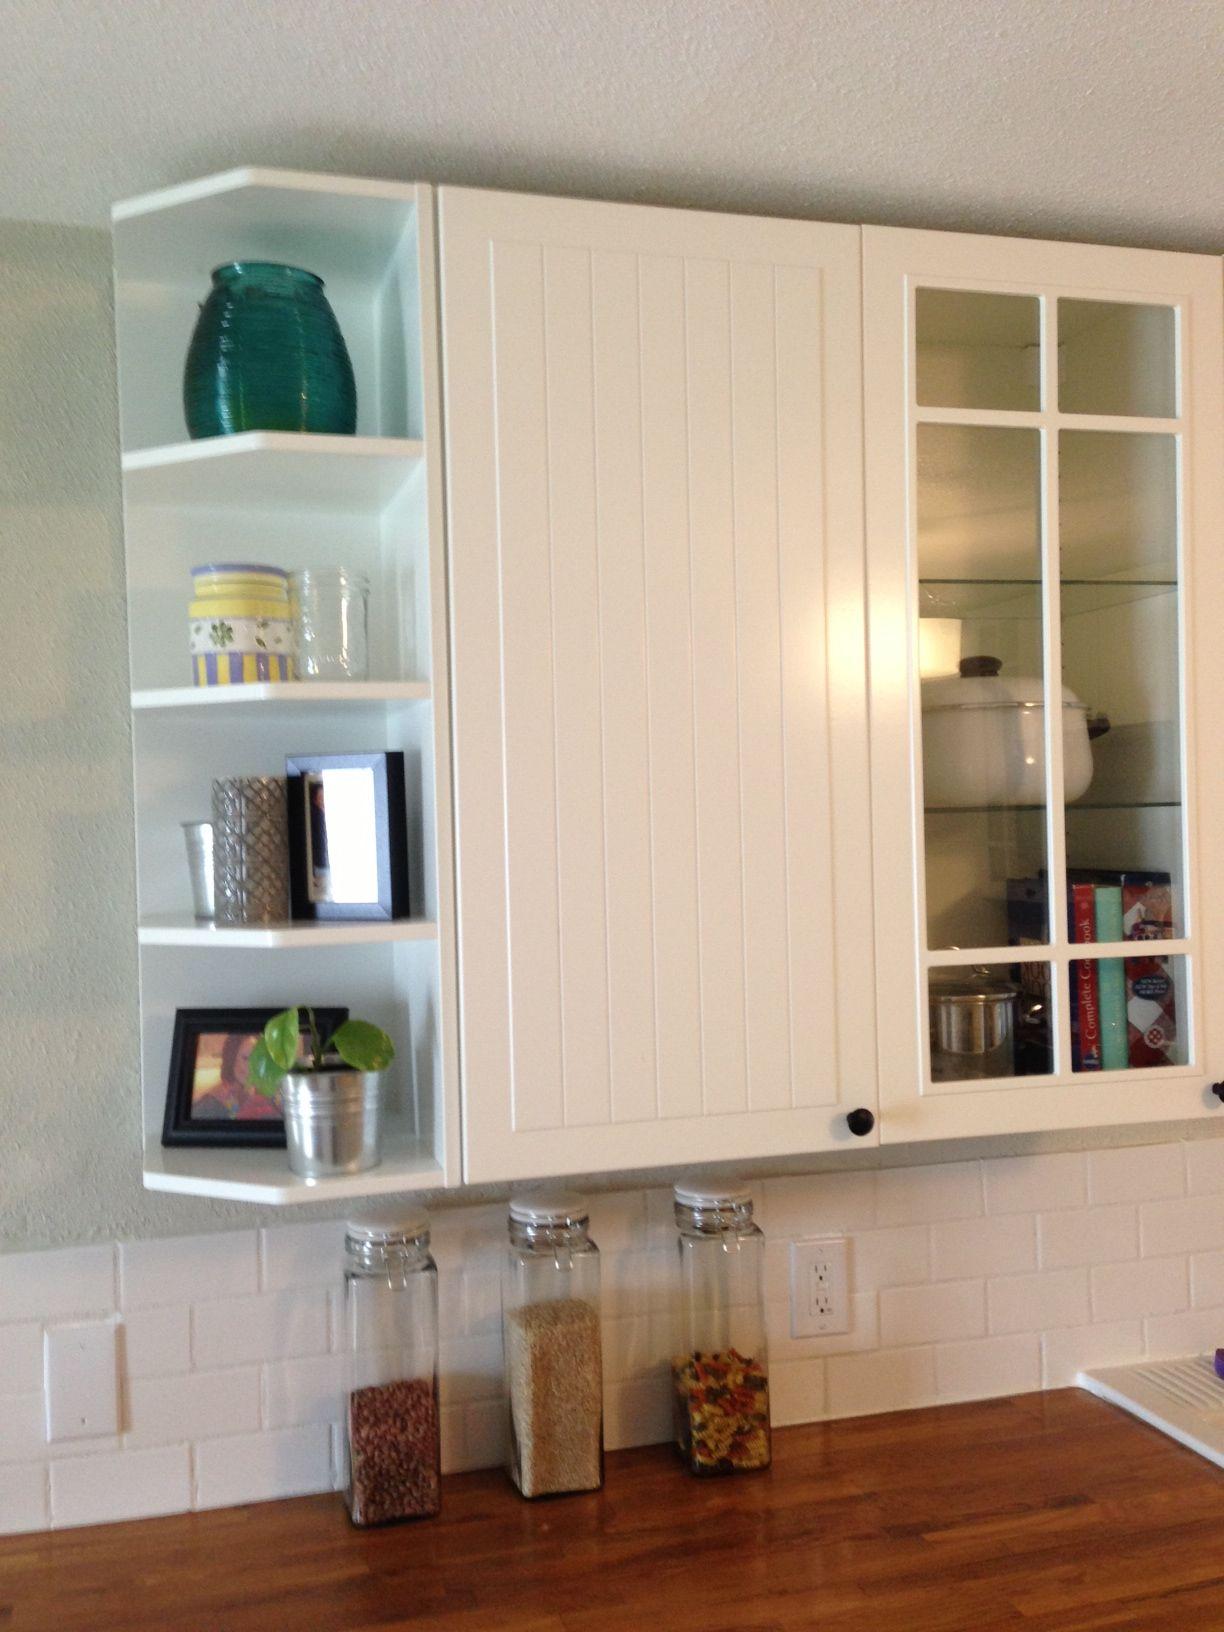 Ikea Stat Kitchen For The Home Kitchen Cabinets Kitchen Kitchen Shelves